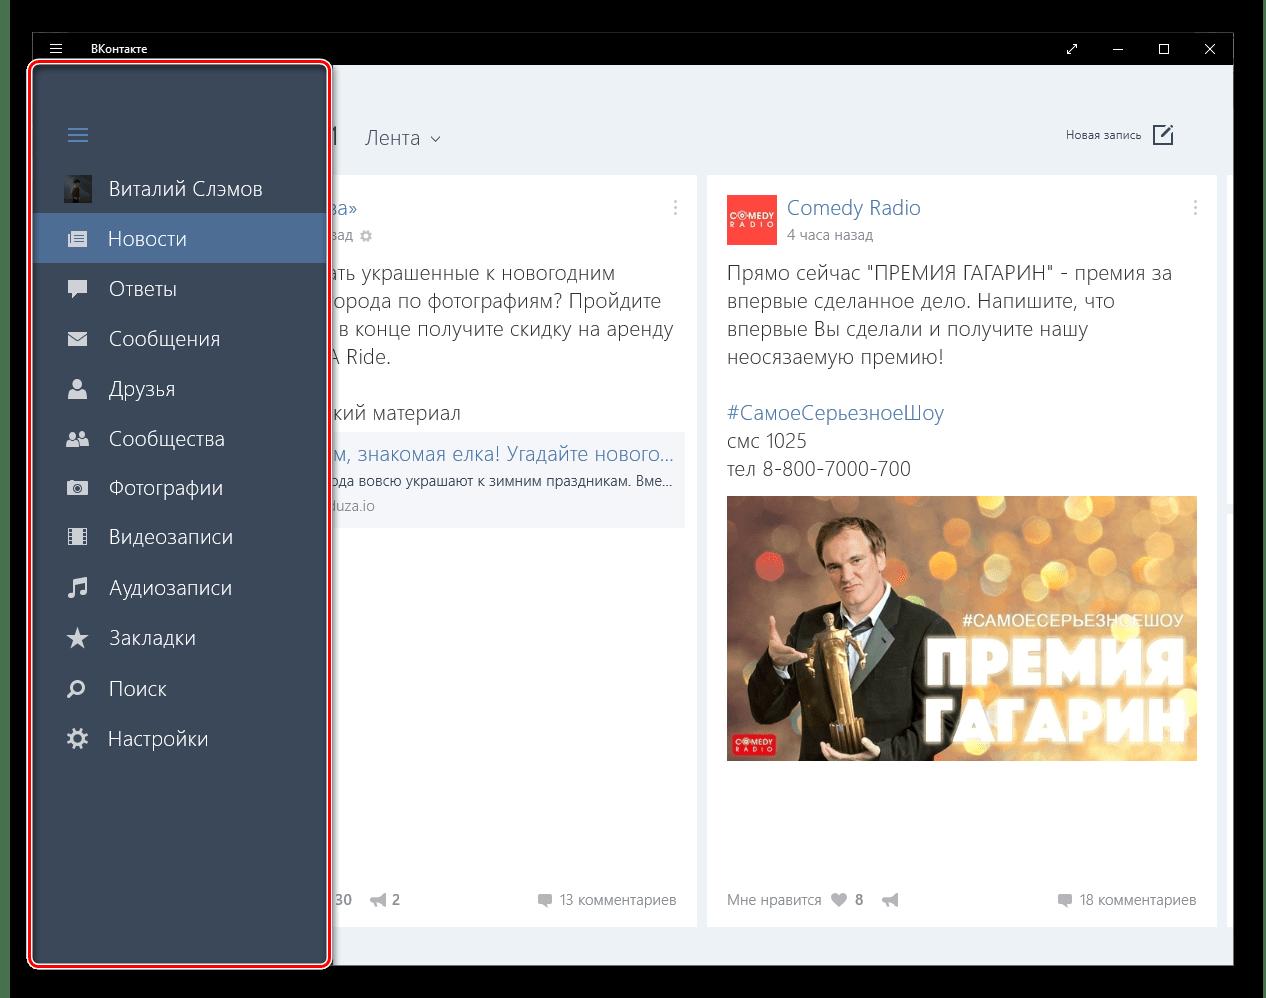 Основное меню приложения ВКонтакте для Windows 10